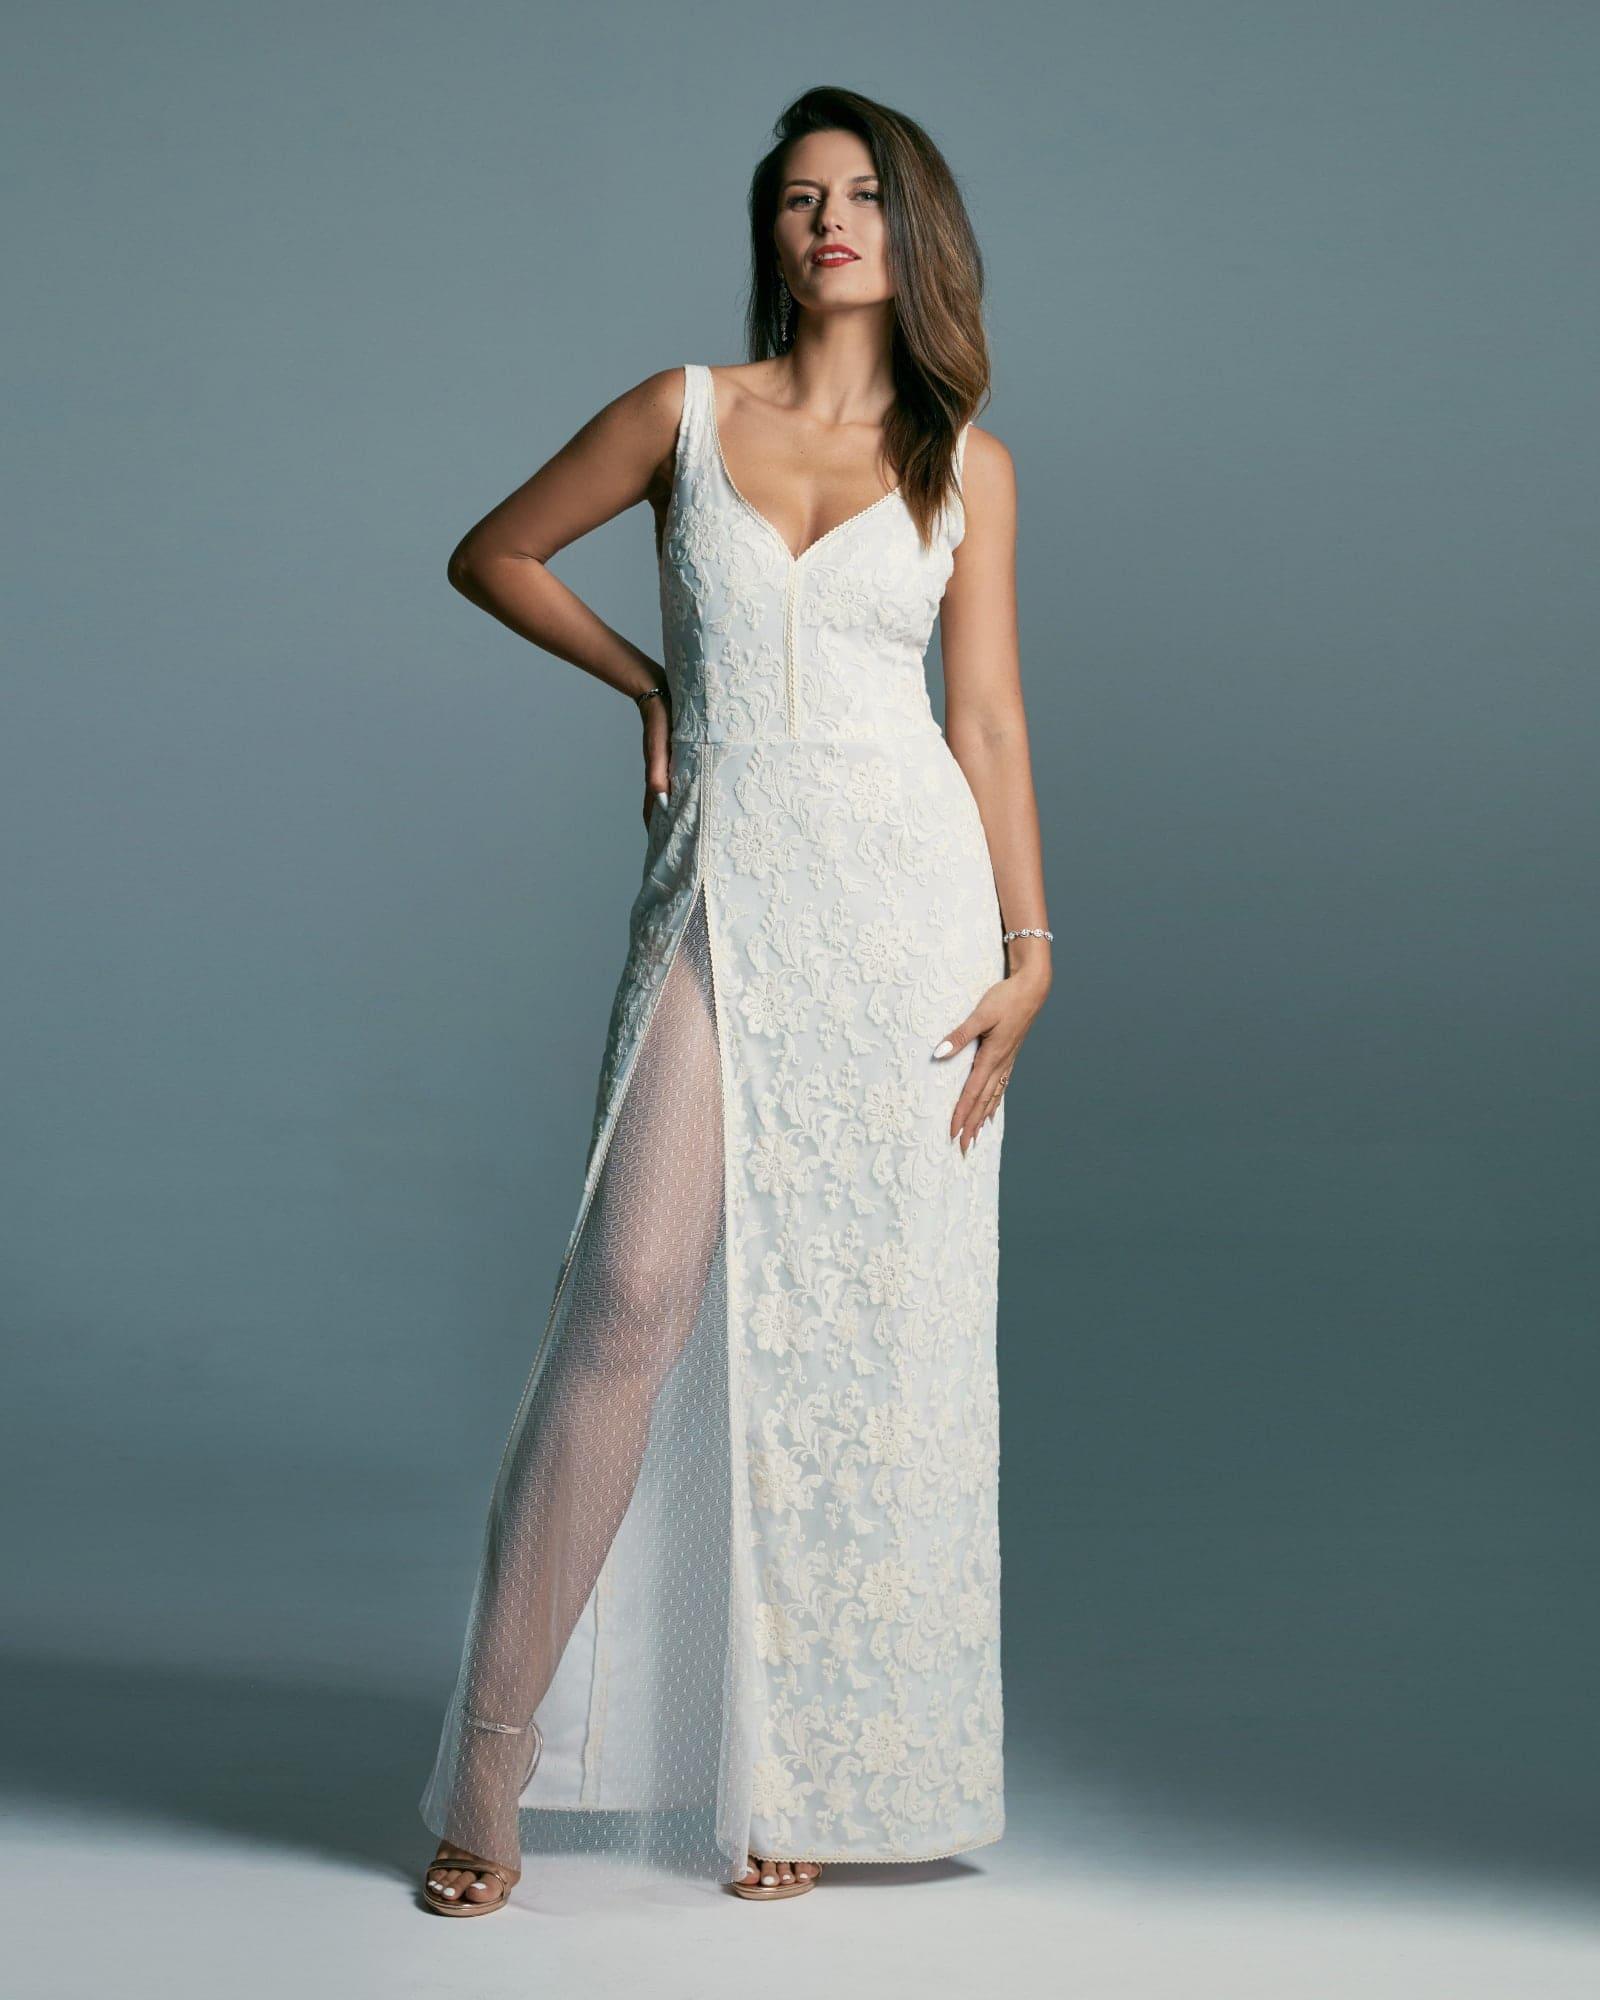 Szykowna suknia ślubna o prostym, kobiecym kroju